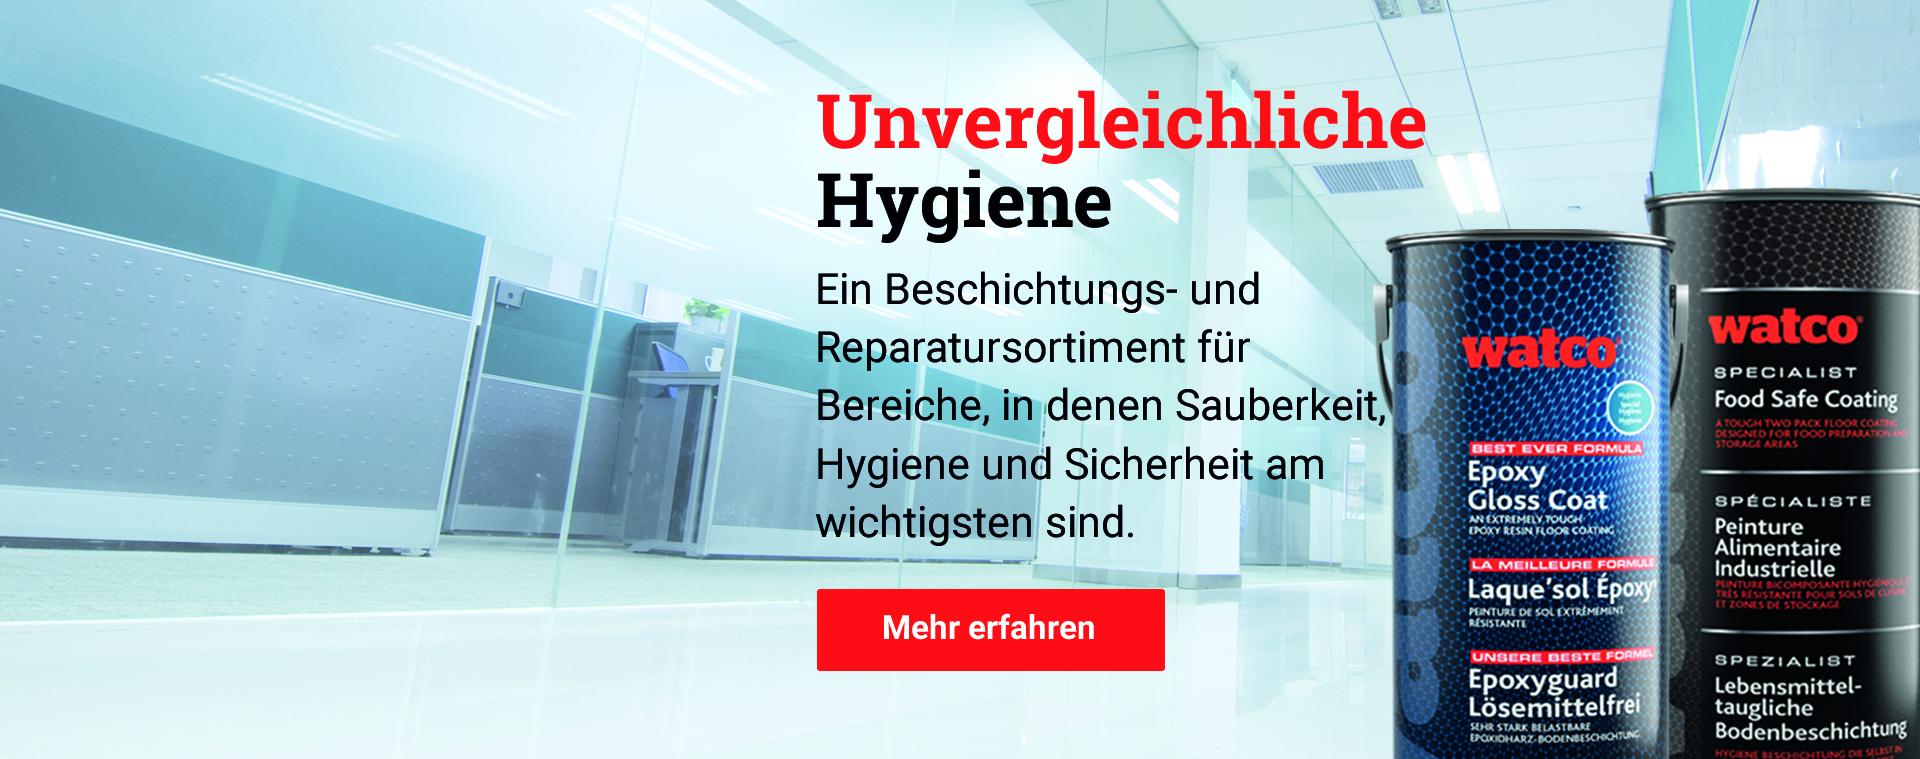 Watco's Hygiene-Sortiment: Beschichtungen für Bereiche in denen Sauberkeit, Hygiene und Sicherheit am wichtigsten sind